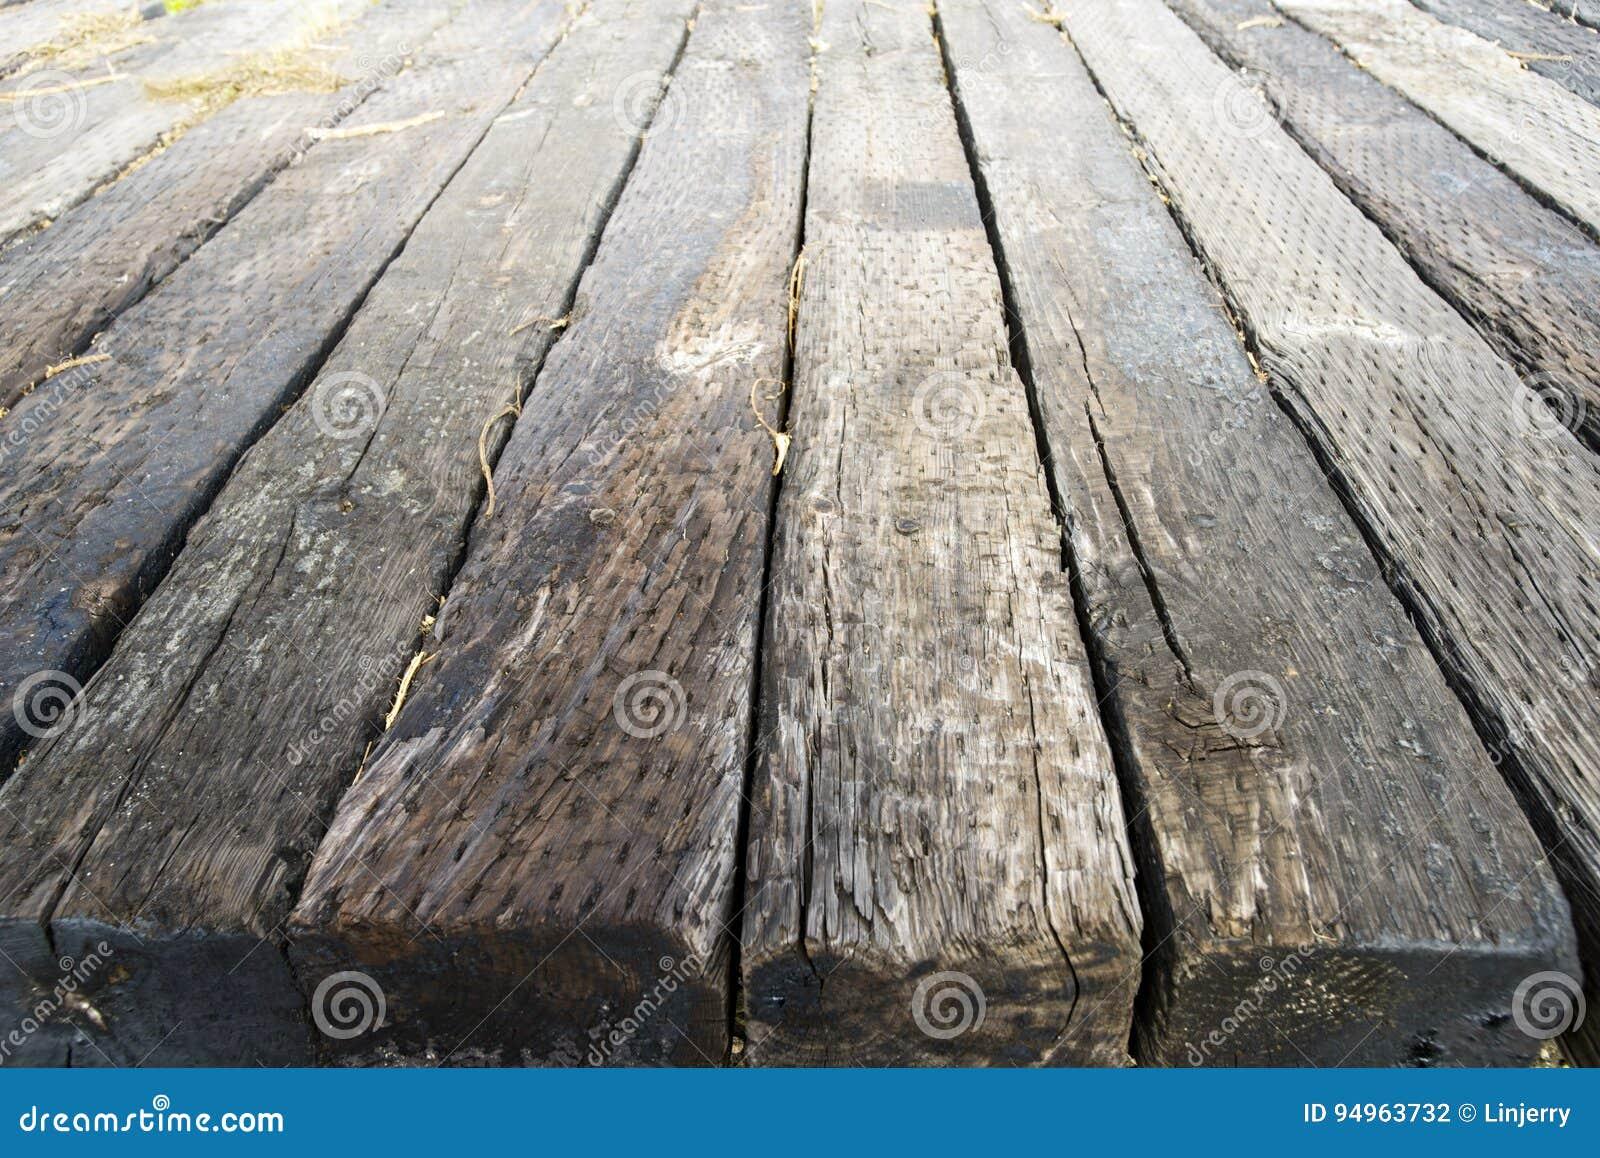 In Legno Wood Design för arkitekturkonstruktion för gamla wood järnväg